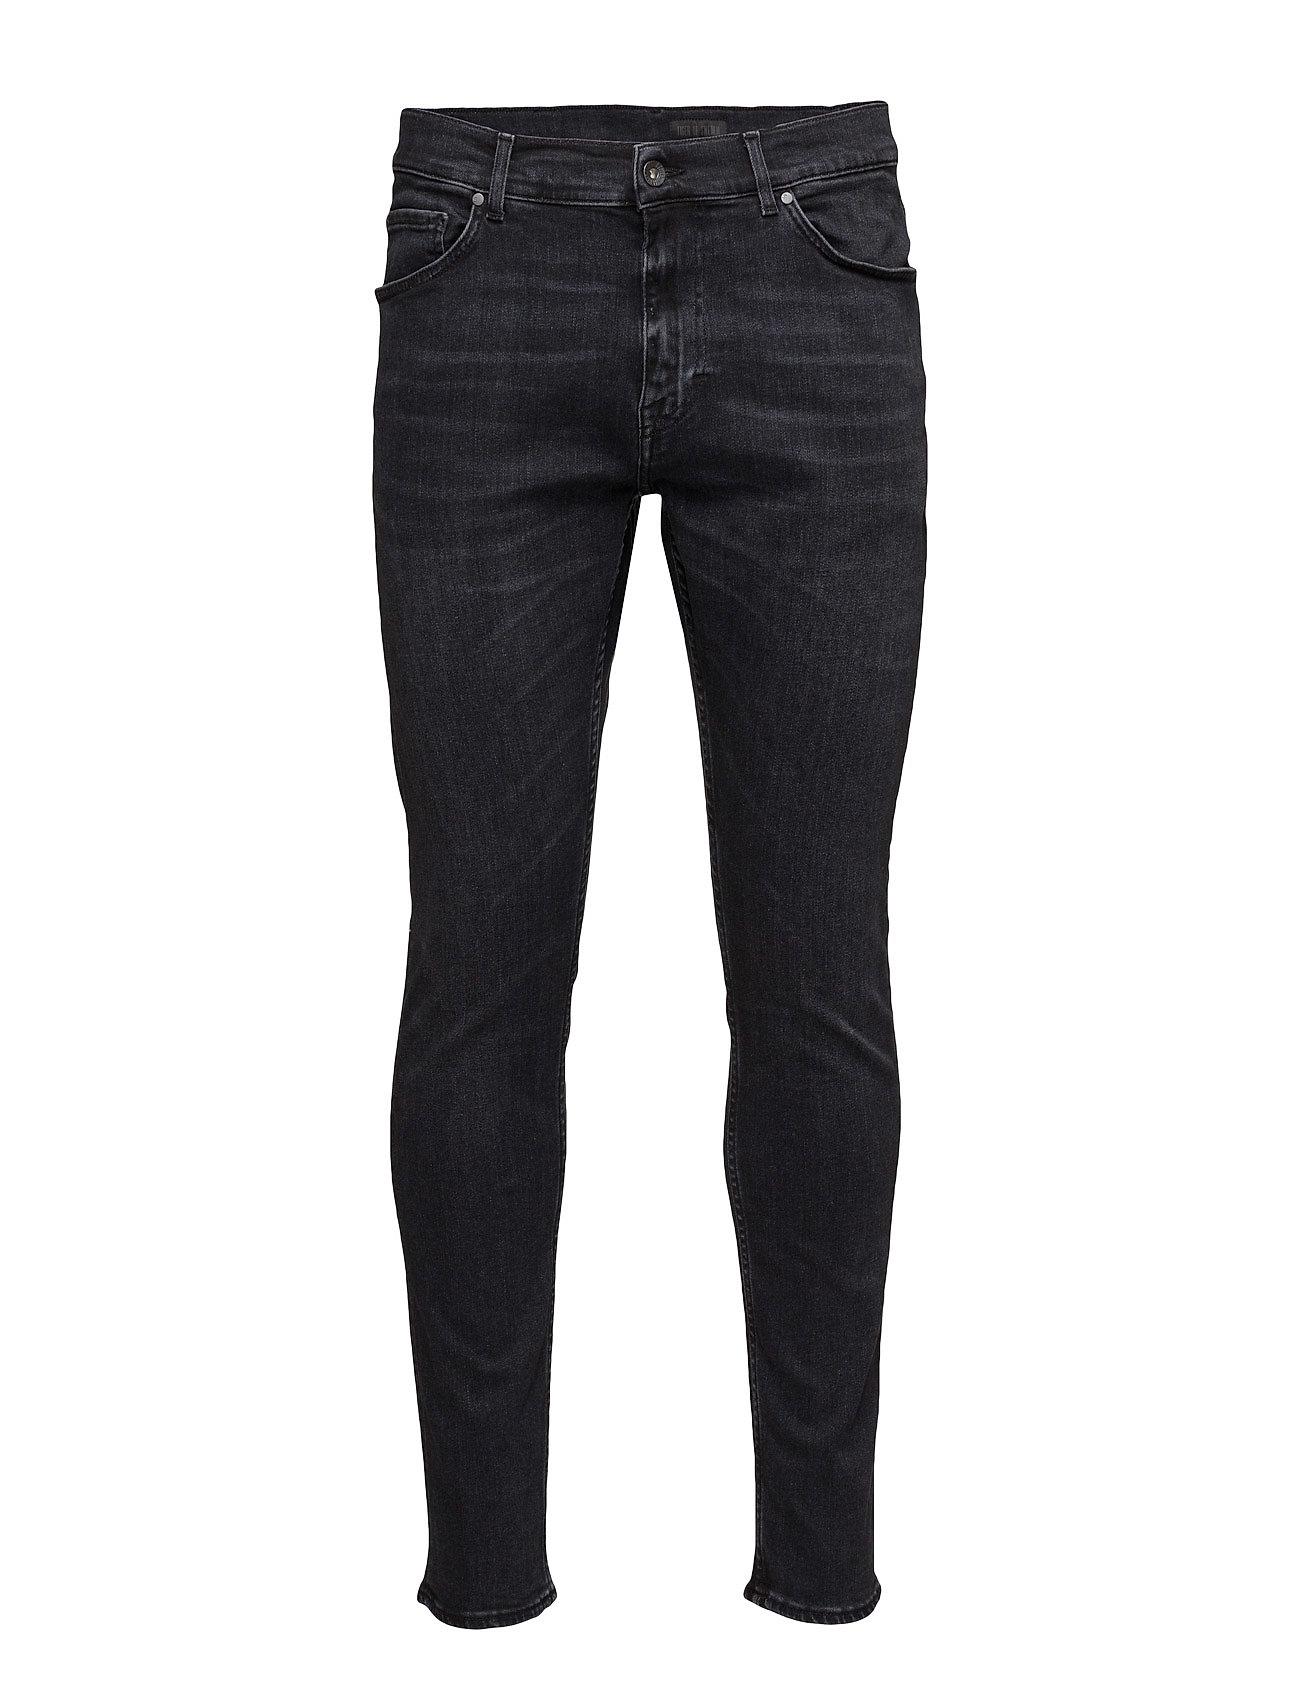 Evolve fra tiger of sweden jeans fra boozt.com dk